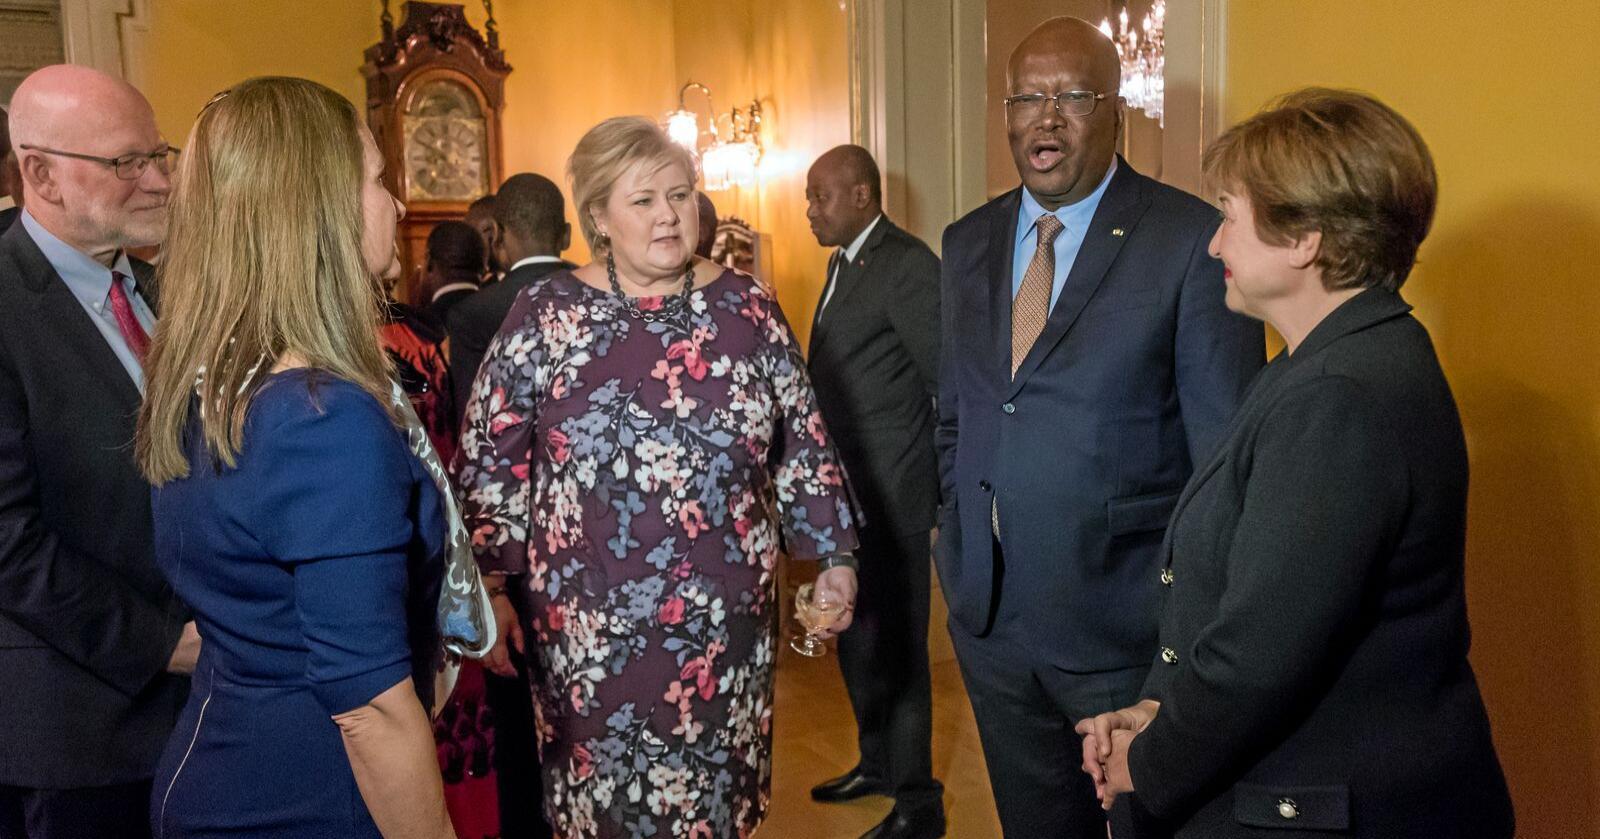 Oslo: Statsminister Erna Solberg i samtale med blant andre IMF-sjef Kristalina Georgieva (th) under et internasjonalt møte Norge var vertskap for. Foto: Heiko Junge / NTB scanpix